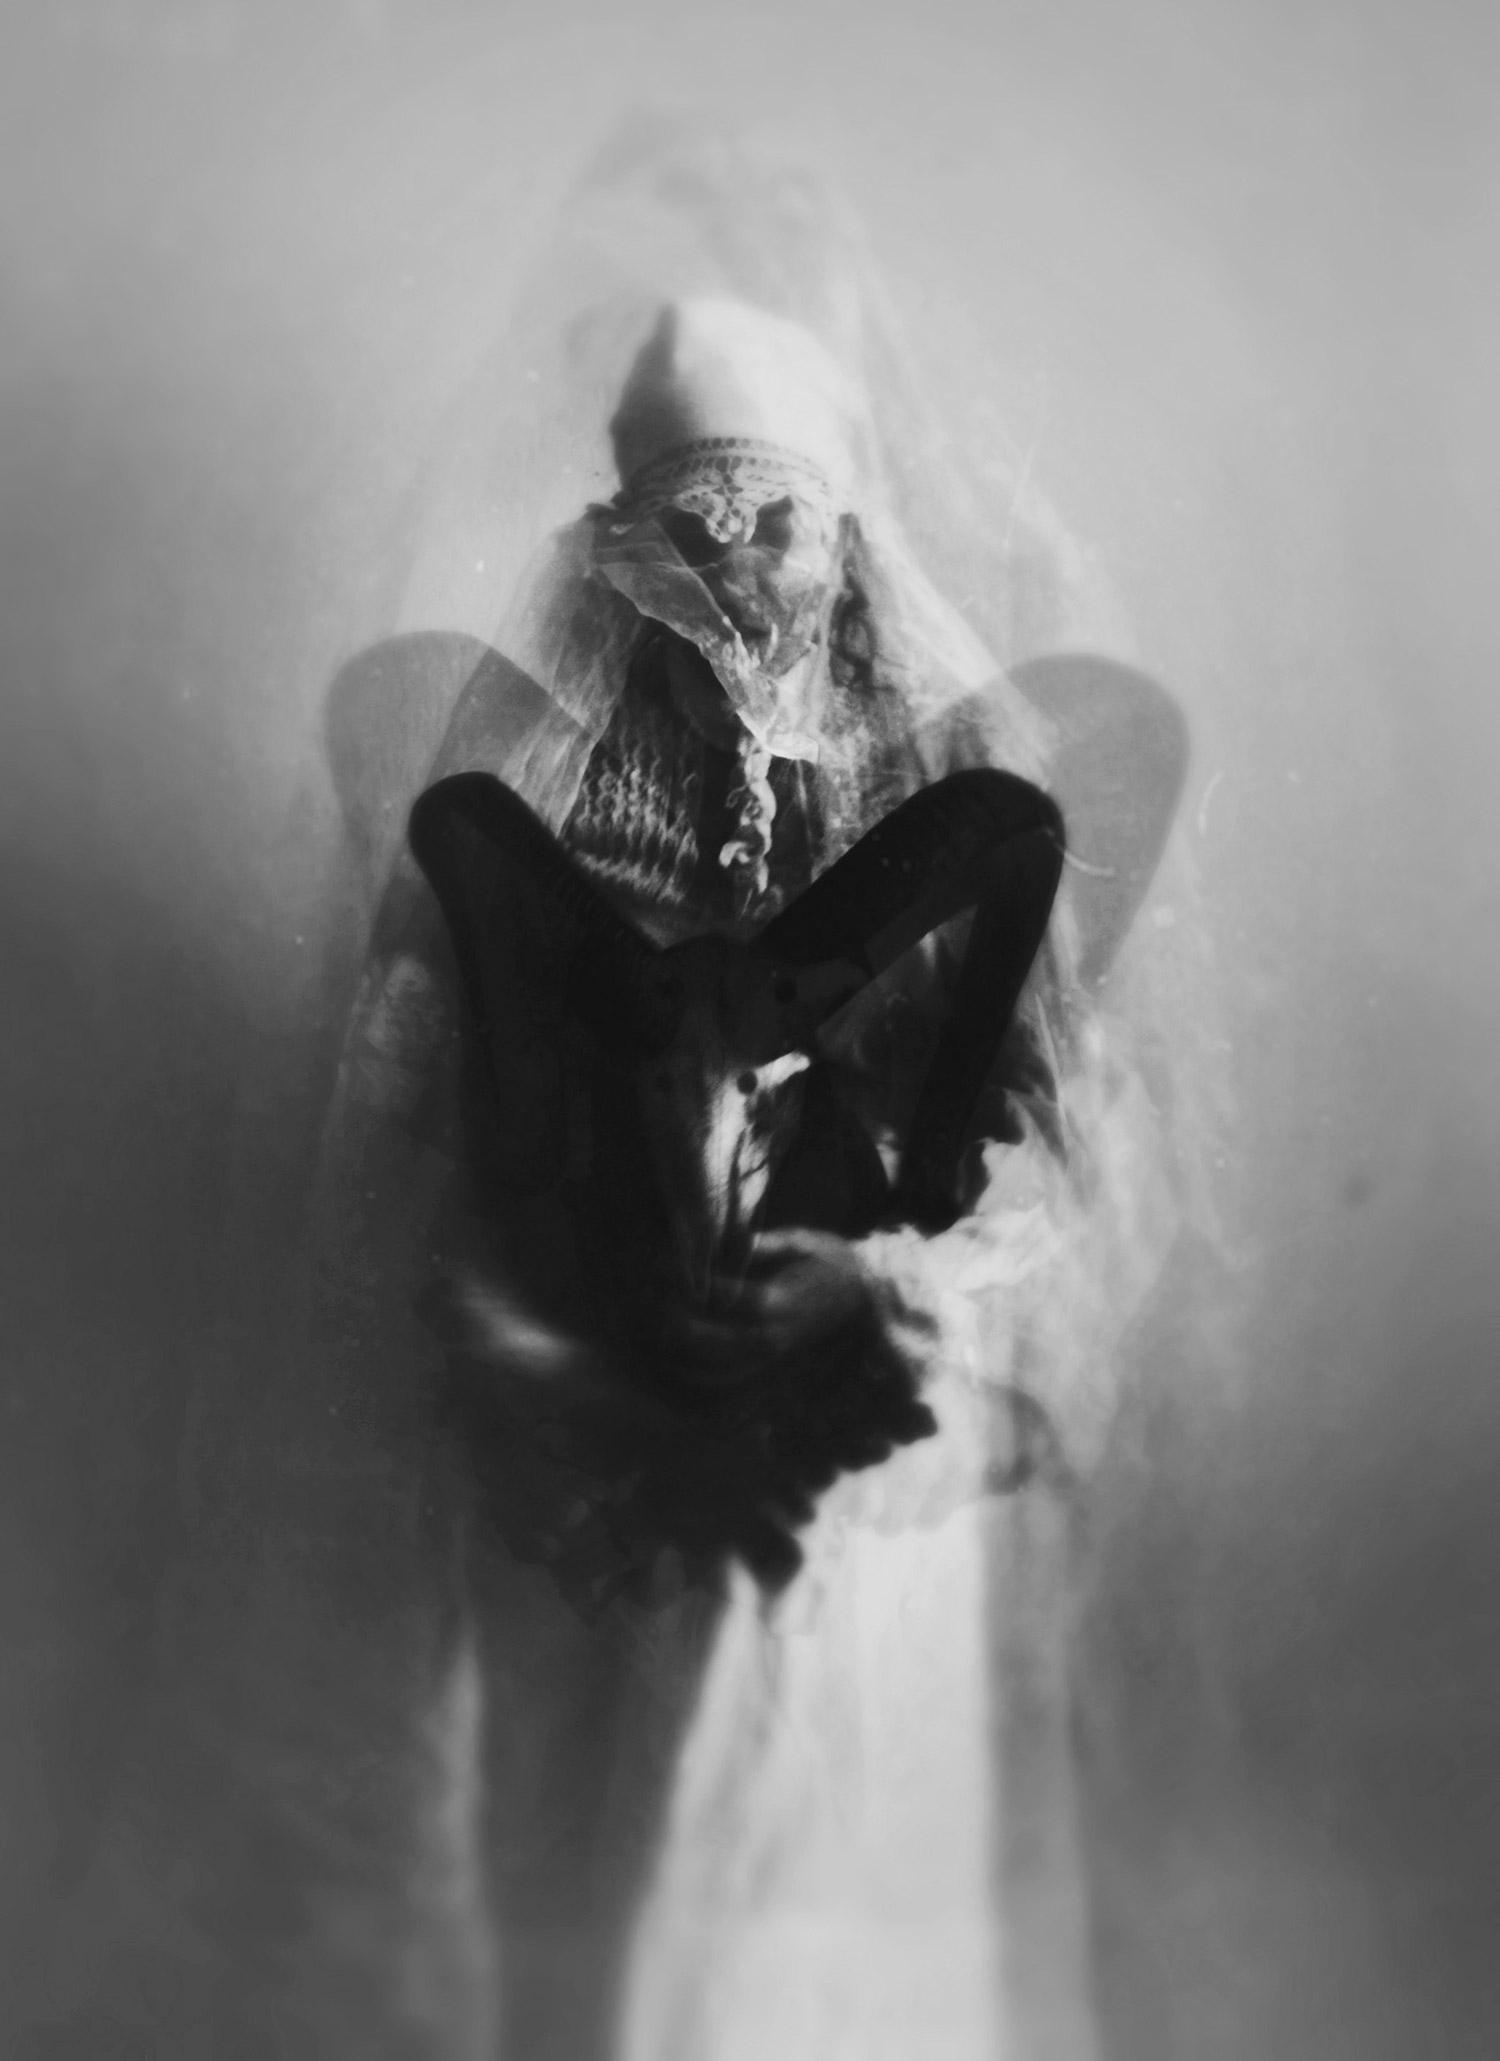 Nynewe, Michaela Knizova, Agast Atera En - horns specter